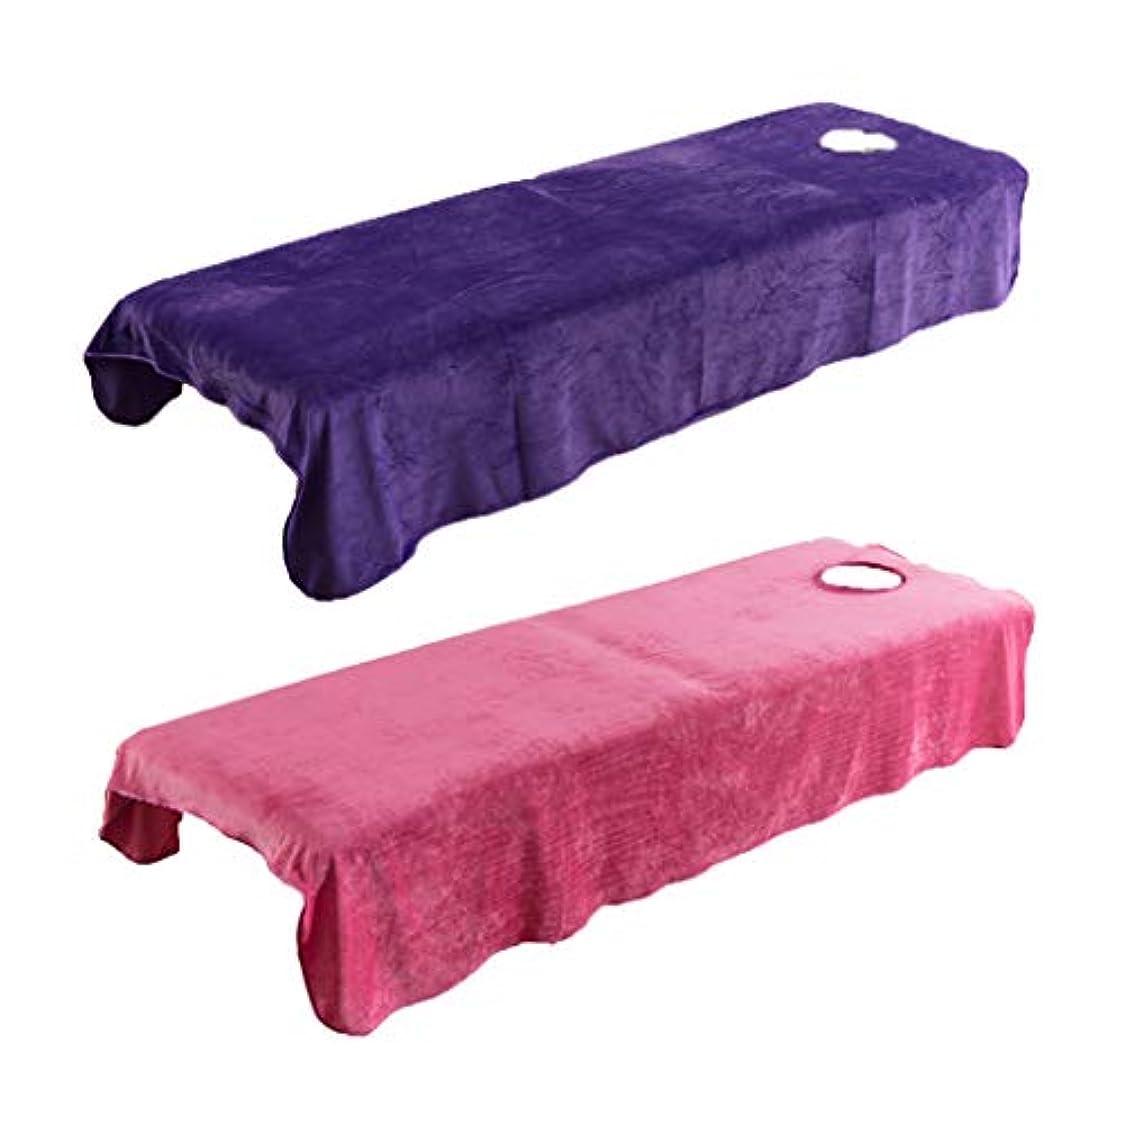 アート関係港2枚 スパ マッサージベッドカバー 有孔 美容ベッドカバー マッサージ台シーツカバー 快適 通気性